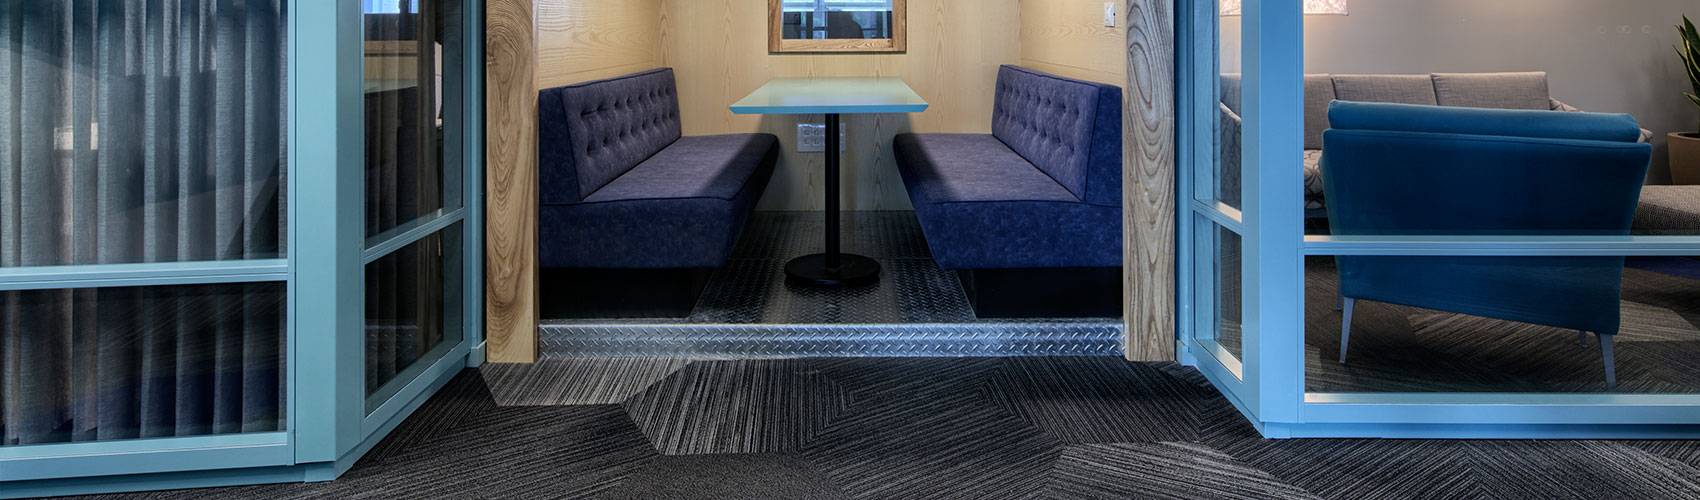 מחיצות אקוסטיות, מחיצות מודולריות לבידוד אקוסטי, לעיצוב חללים למשרדיים - אינובייט